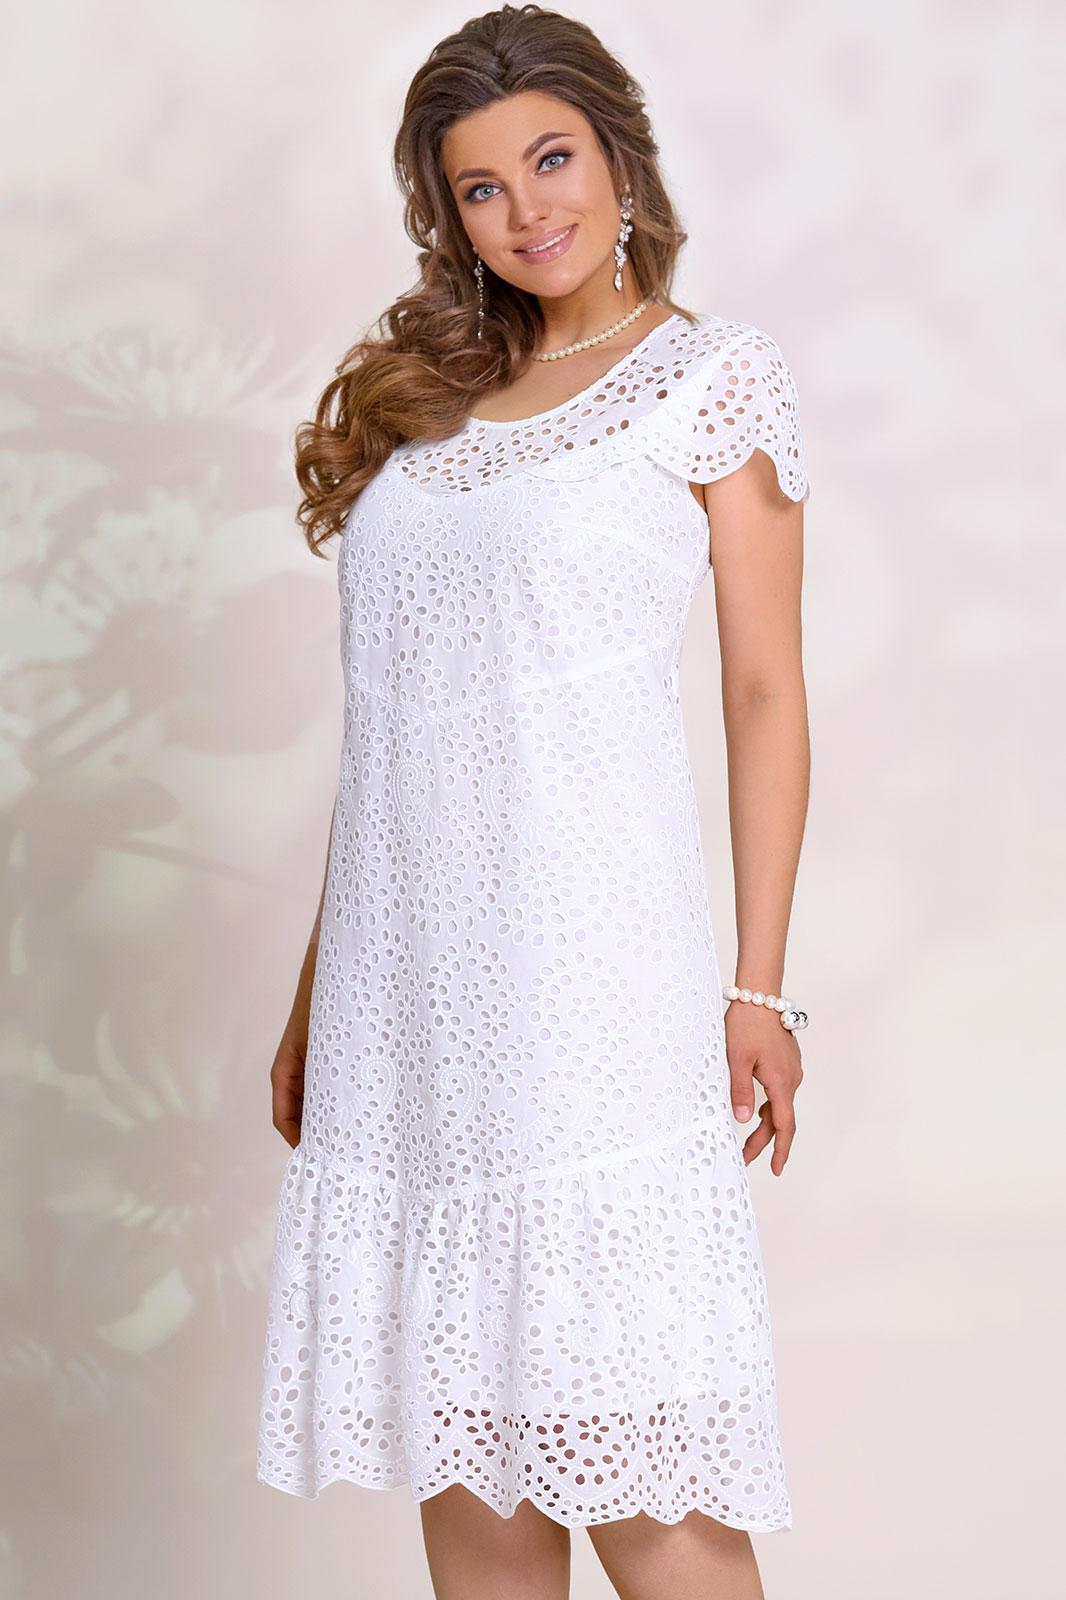 a1316333a522 Купить одежду больших размеров в интернет-магазине в Минске ...